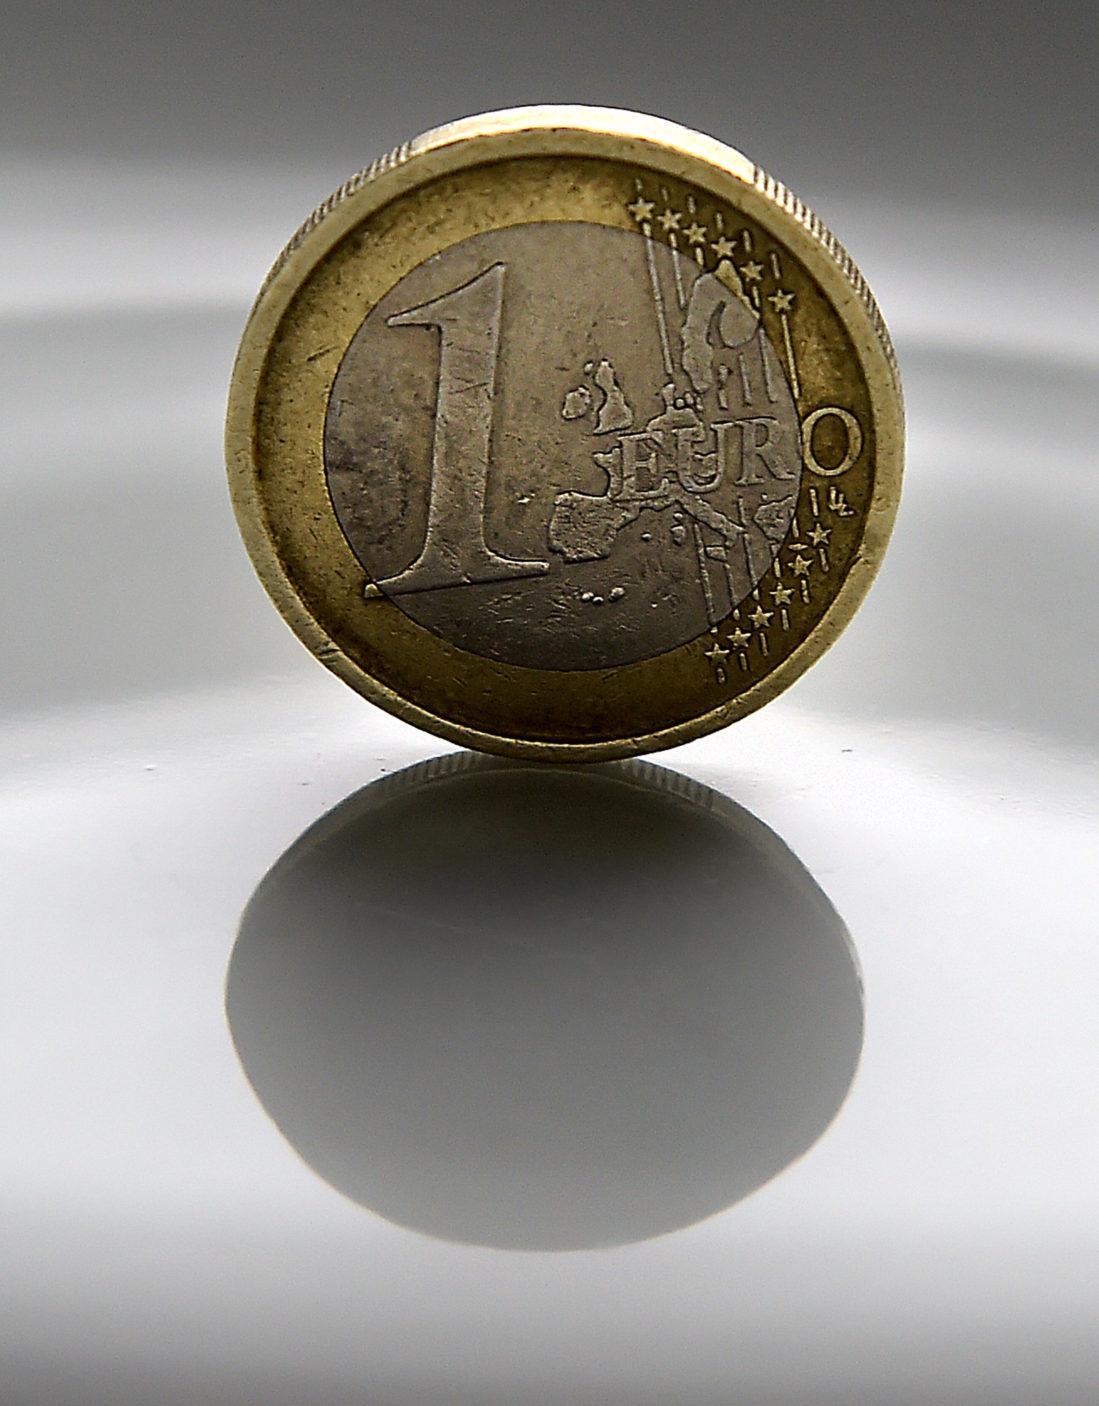 Germany_Euro509681217545